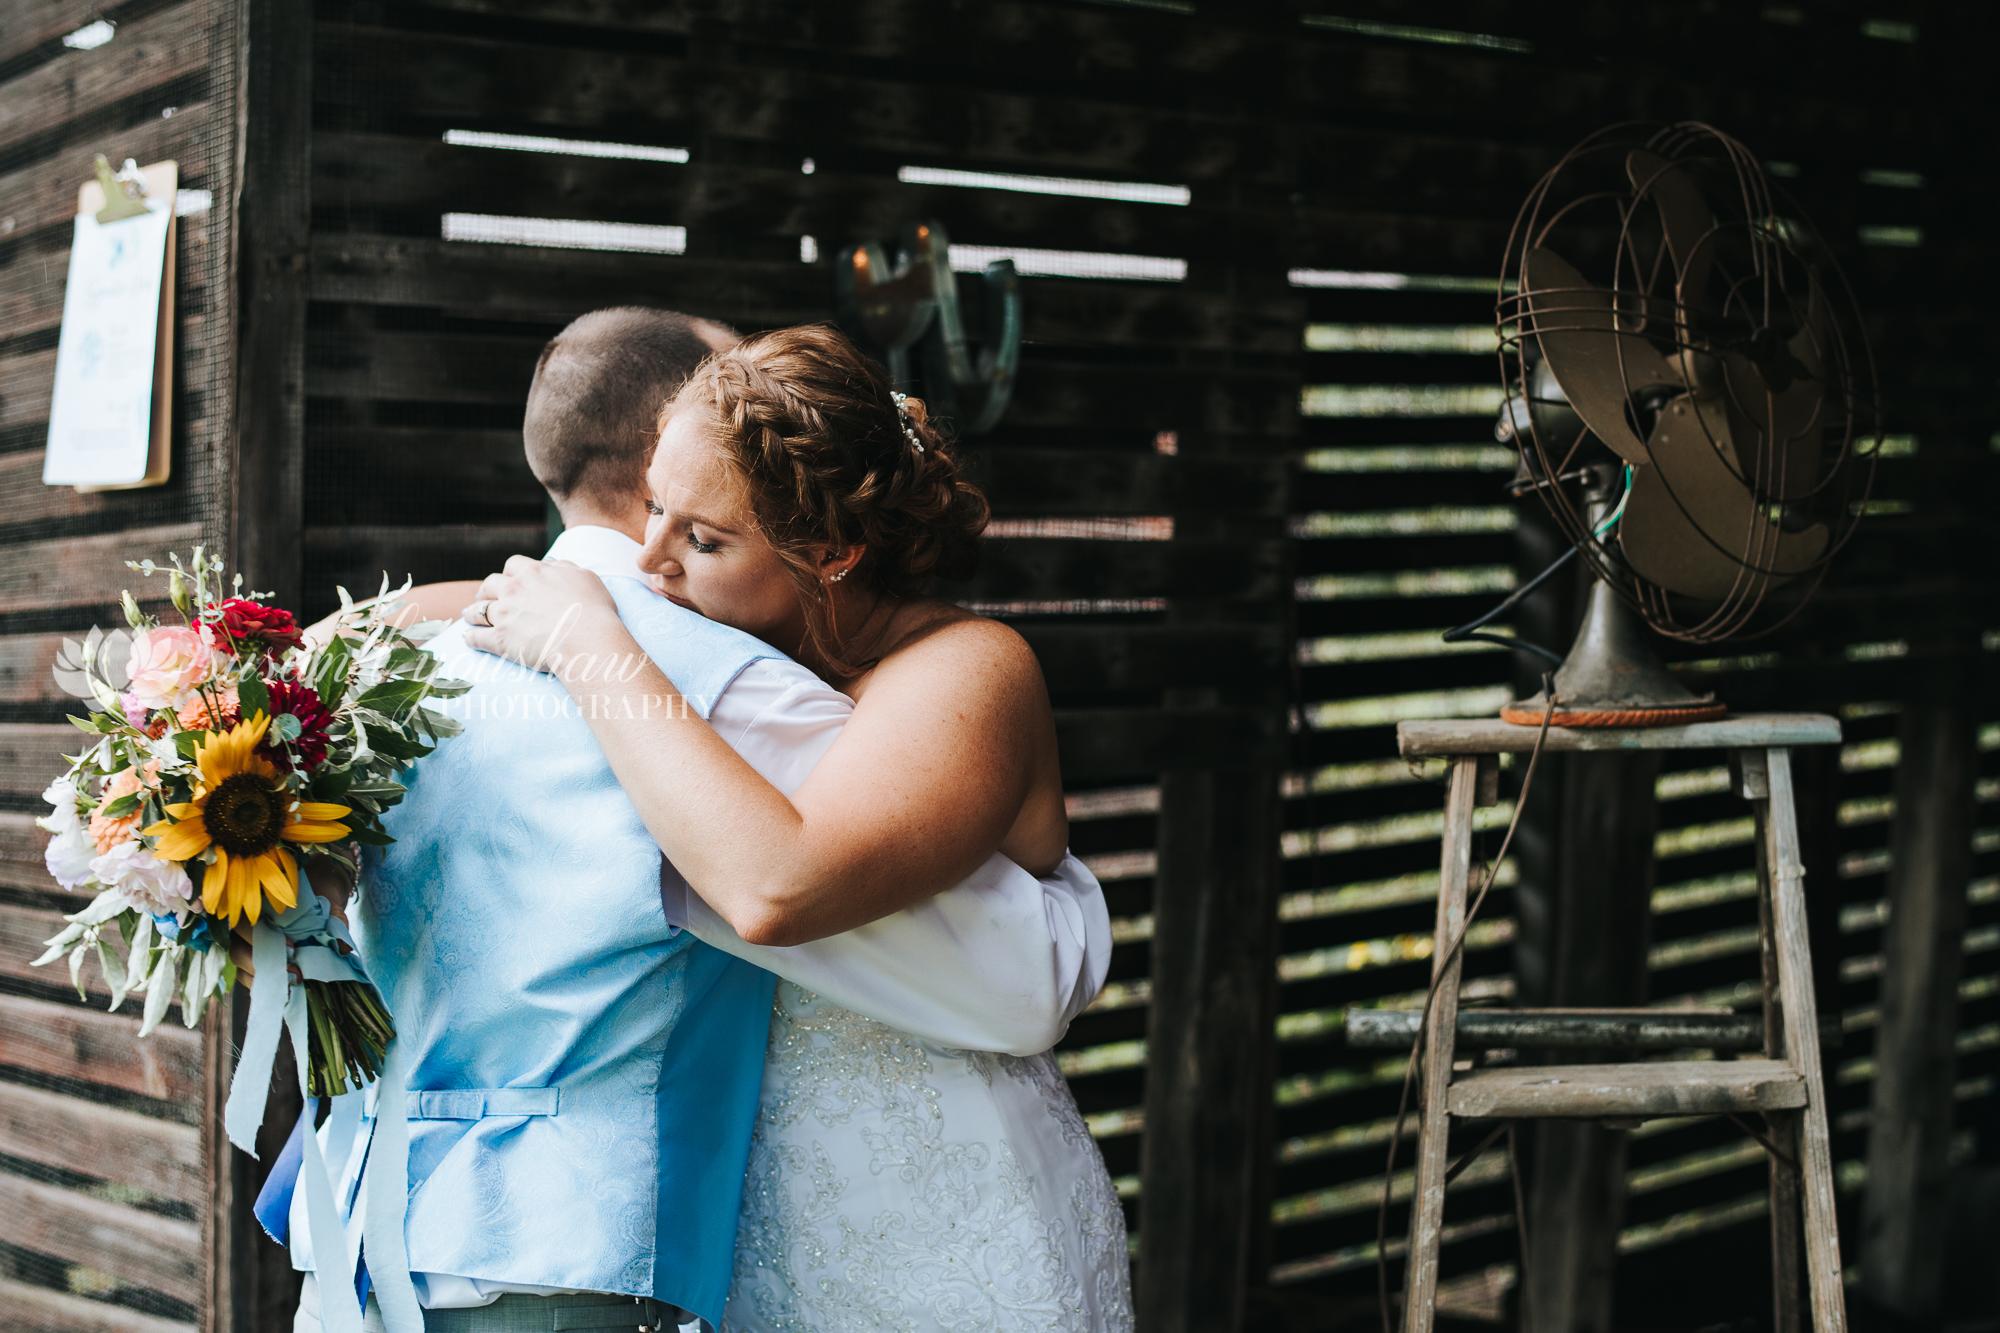 Erin and Jason Wedding Photos 07-06-2019 SLY Photography-114.jpg